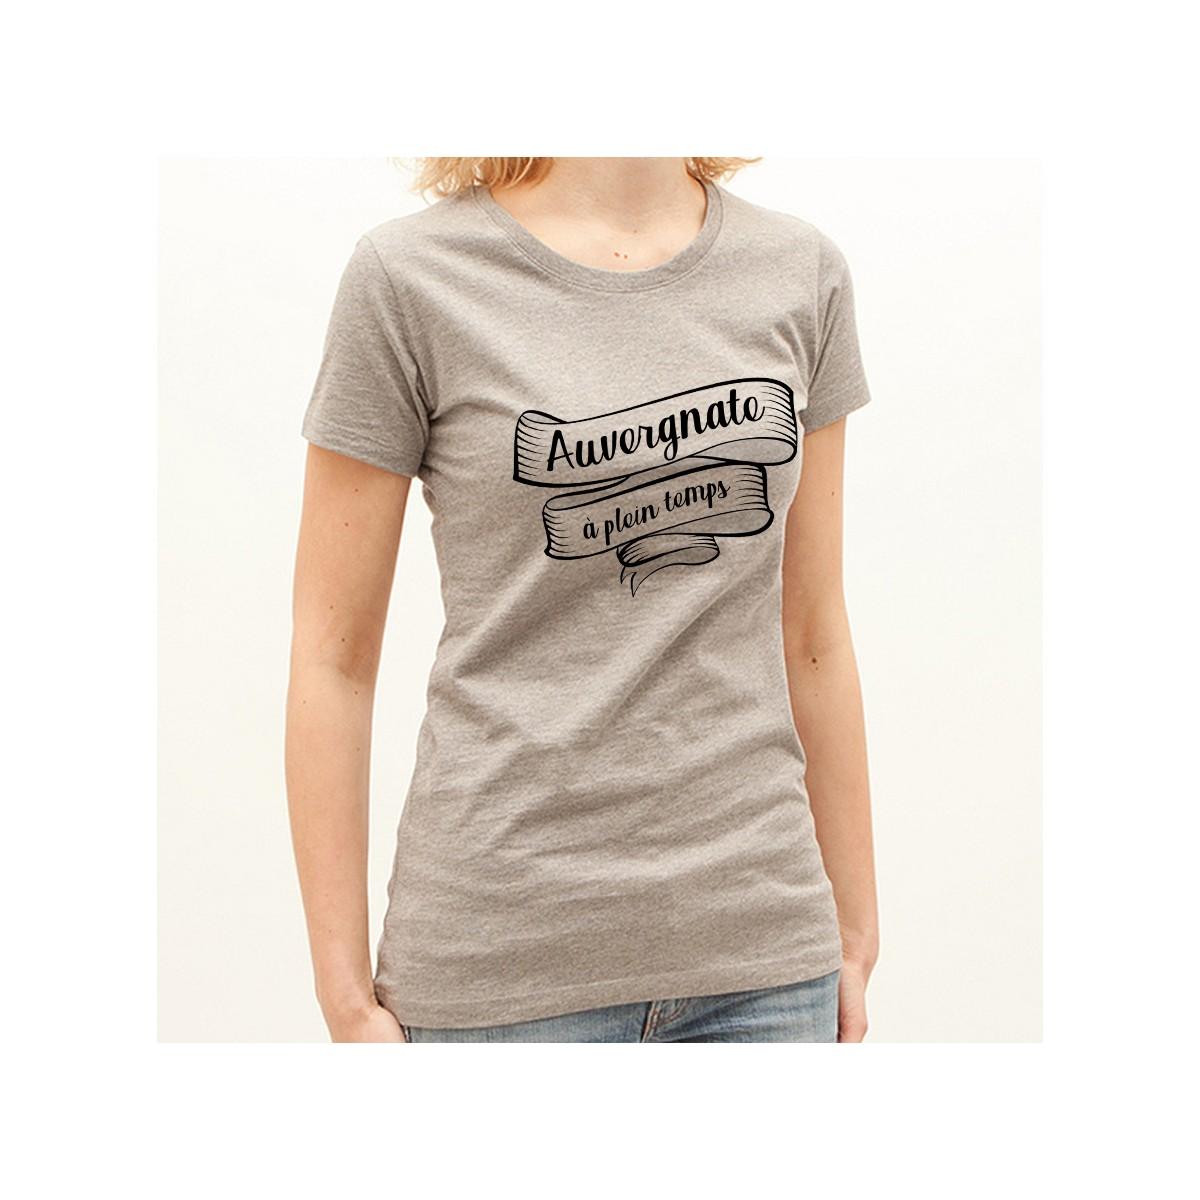 T-shirt Auvergnate à plein temps